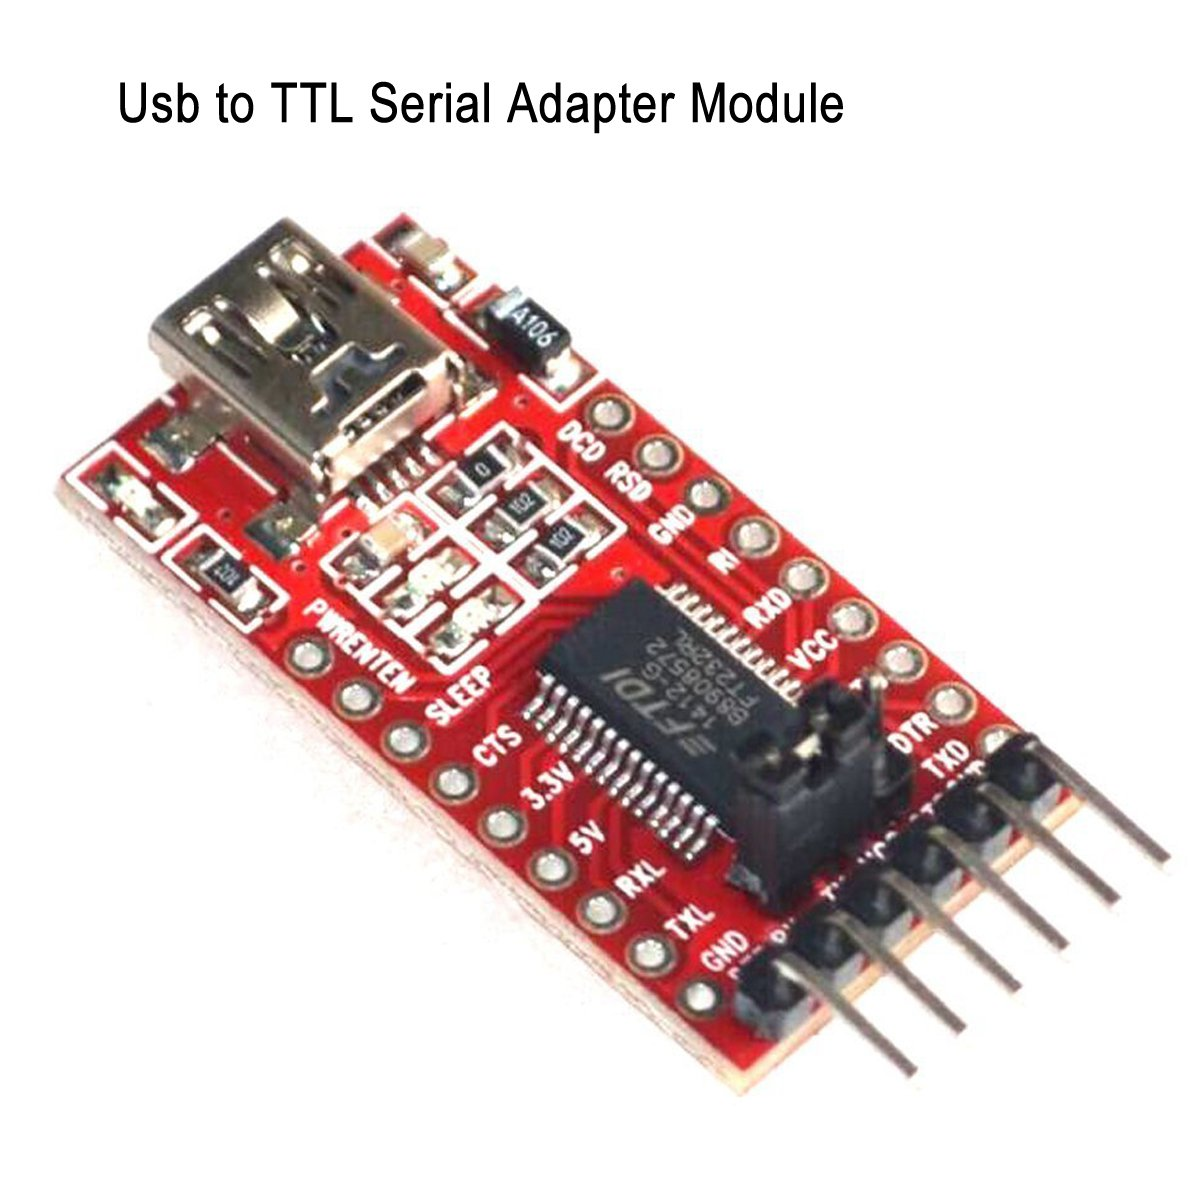 Makerfocus FT232RL FTDI USB to TTL Serial Adapter 3 3V 5 5V